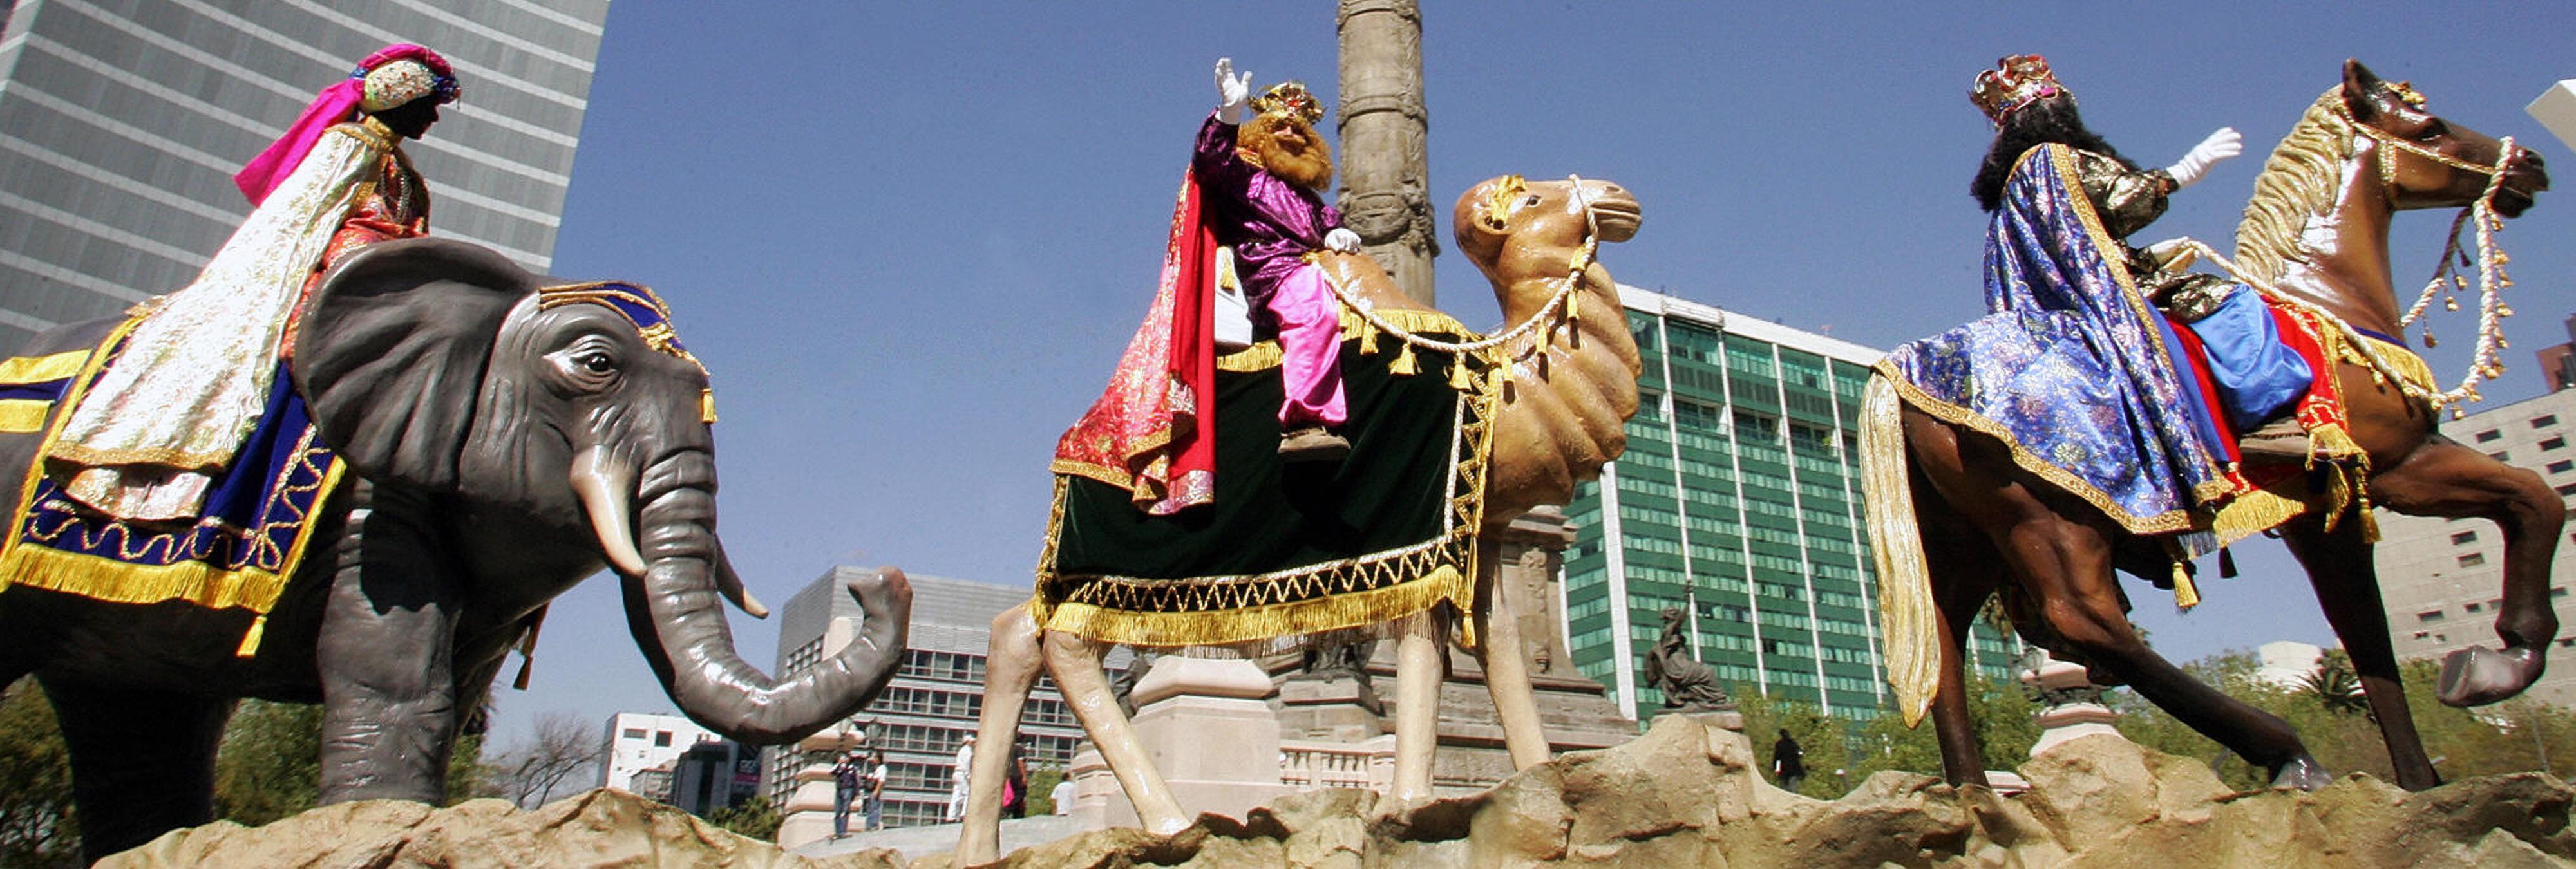 Proponen eliminar a un Rey Mago de la cabalgata